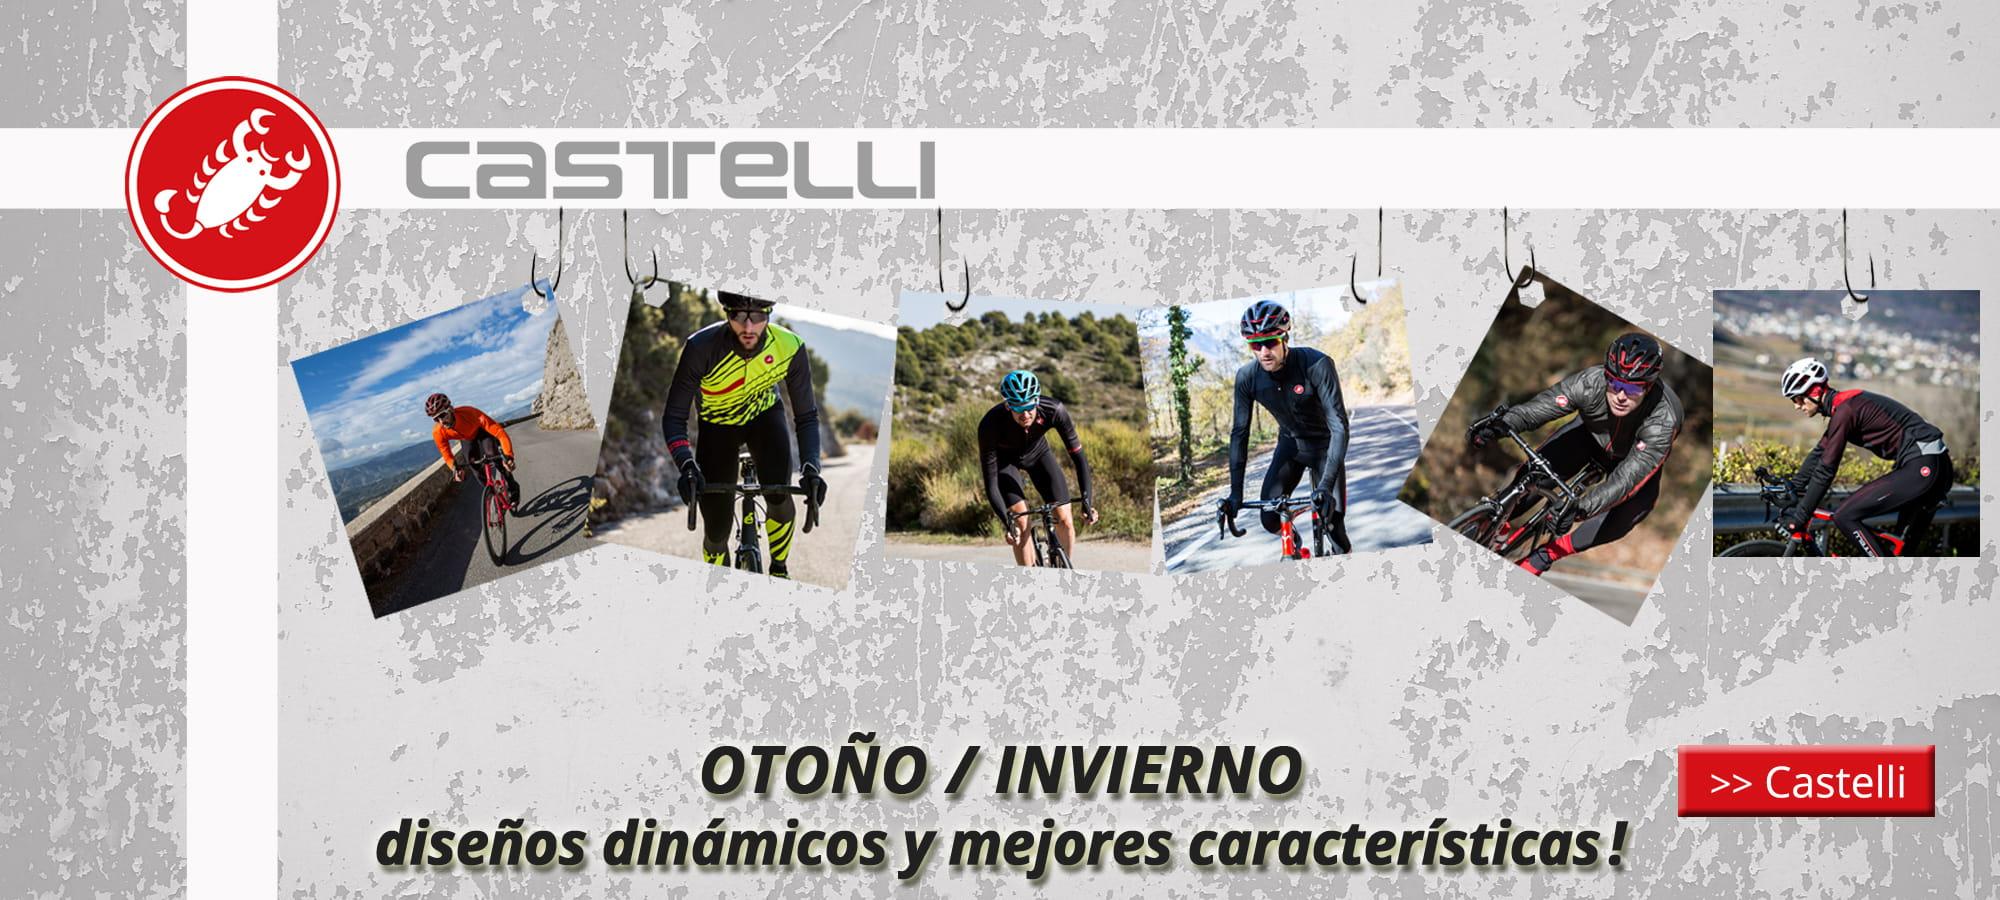 Otoño/invierno Castelli 2018 - diseños dinámicos y mejores características